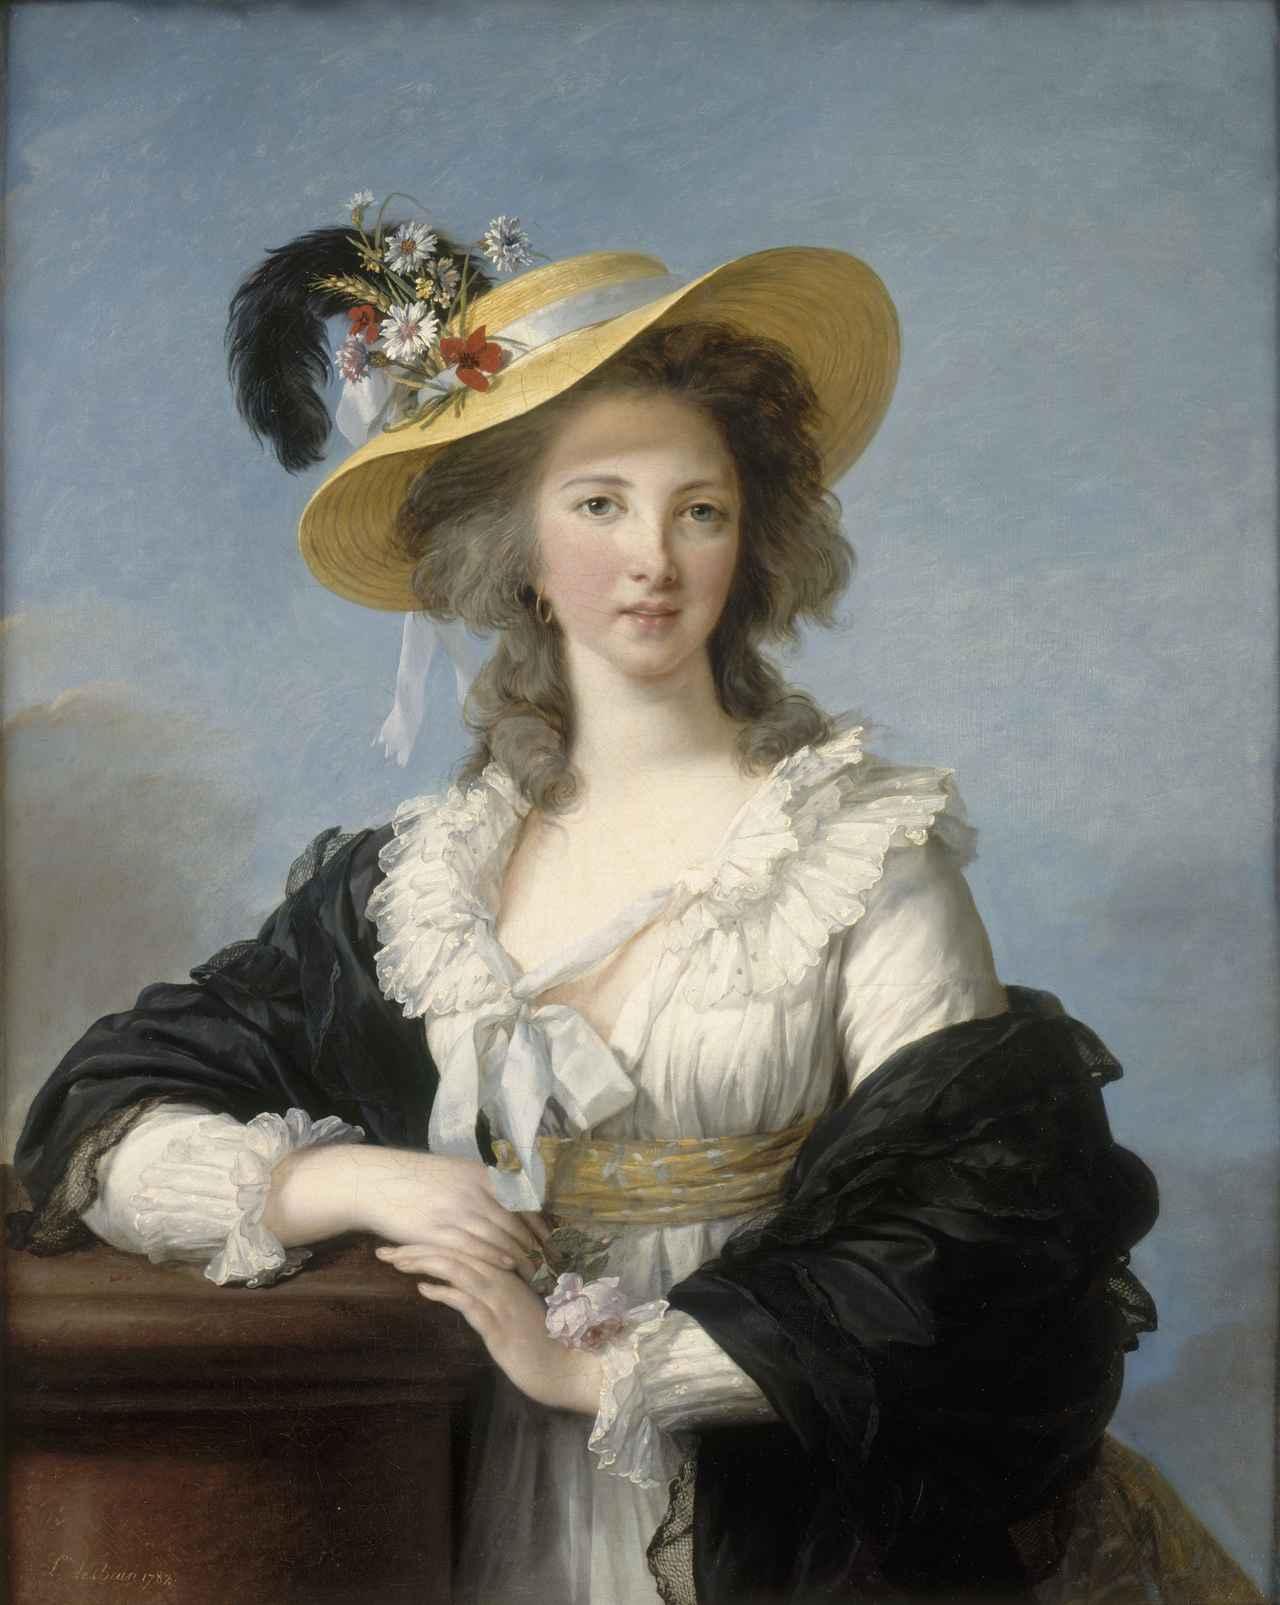 画像: エリザベト=ルイーズ・ヴィジェ・ルブラン 《ポリニャック公爵夫人、ガブリエル・ヨランド・クロード・マルチーヌ・ド・ポラストロン 》 1782年 油彩・カンヴァス、92.3 × 73.6 cm ヴェルサイユ宮殿美術館 Photo © RMN-Grand Palais (Château de Versailles) / Gérard Blot / distributed by AMF